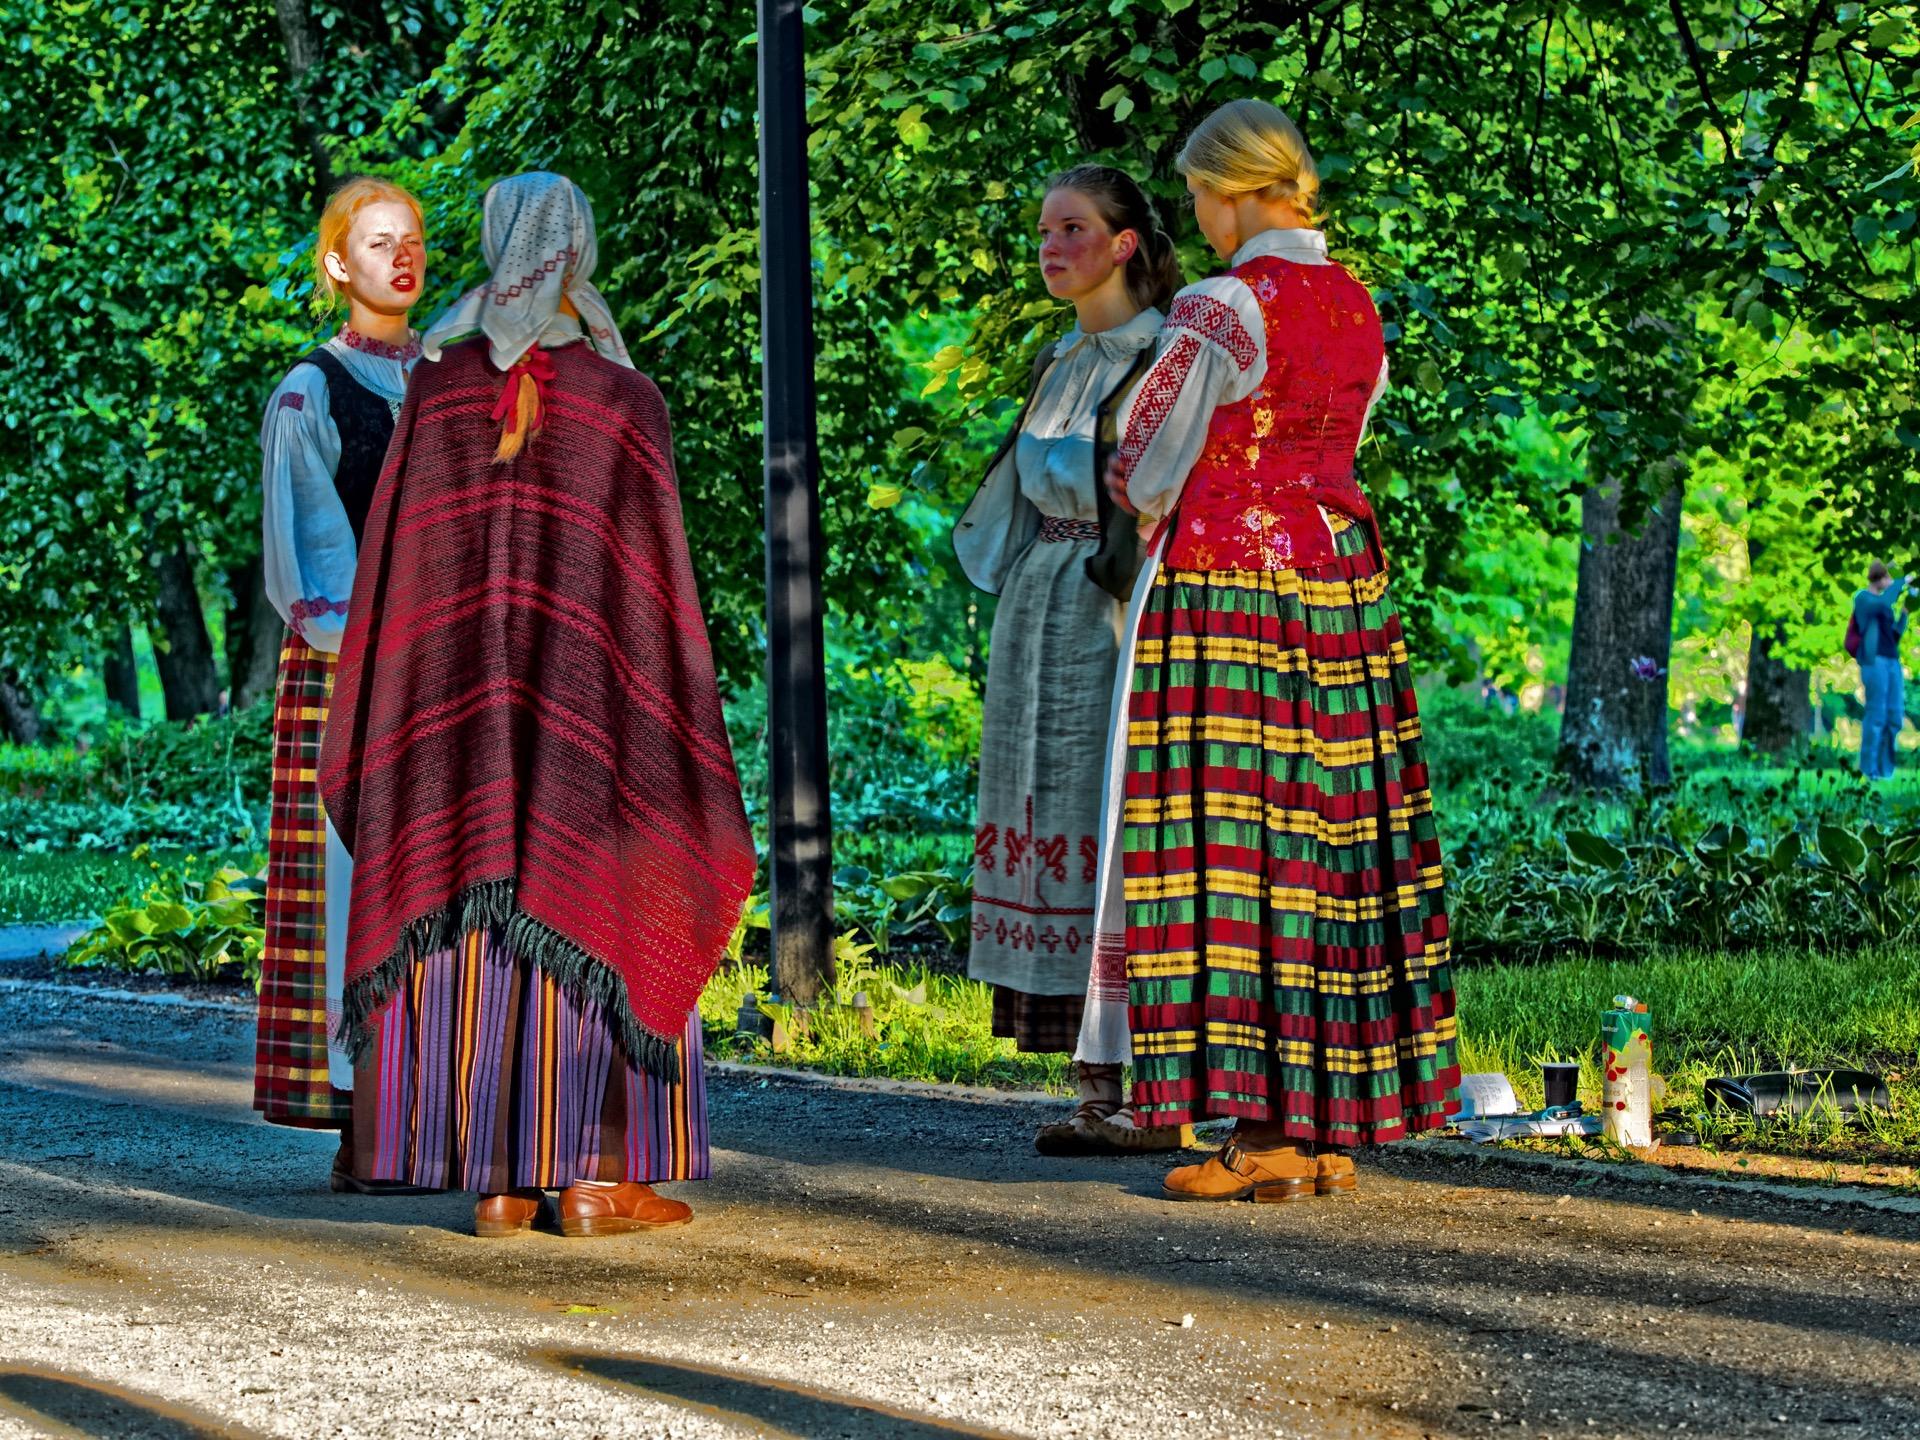 Bild: Auch junge Leute tragen hier Tracht. Skamba skamba kankliai 2015 in Vilnius. OLYMPUS OM-D E-M1 mitM.ZUIKO DIGITAL ED 40‑150mm 1:2.8 PRO ISO 200 ¦ f/5,6 ¦ 70 mm ¦ 1/30 s ¦ kein Blitz. Klicken Sie auf das Bild um es zu vergrößern.